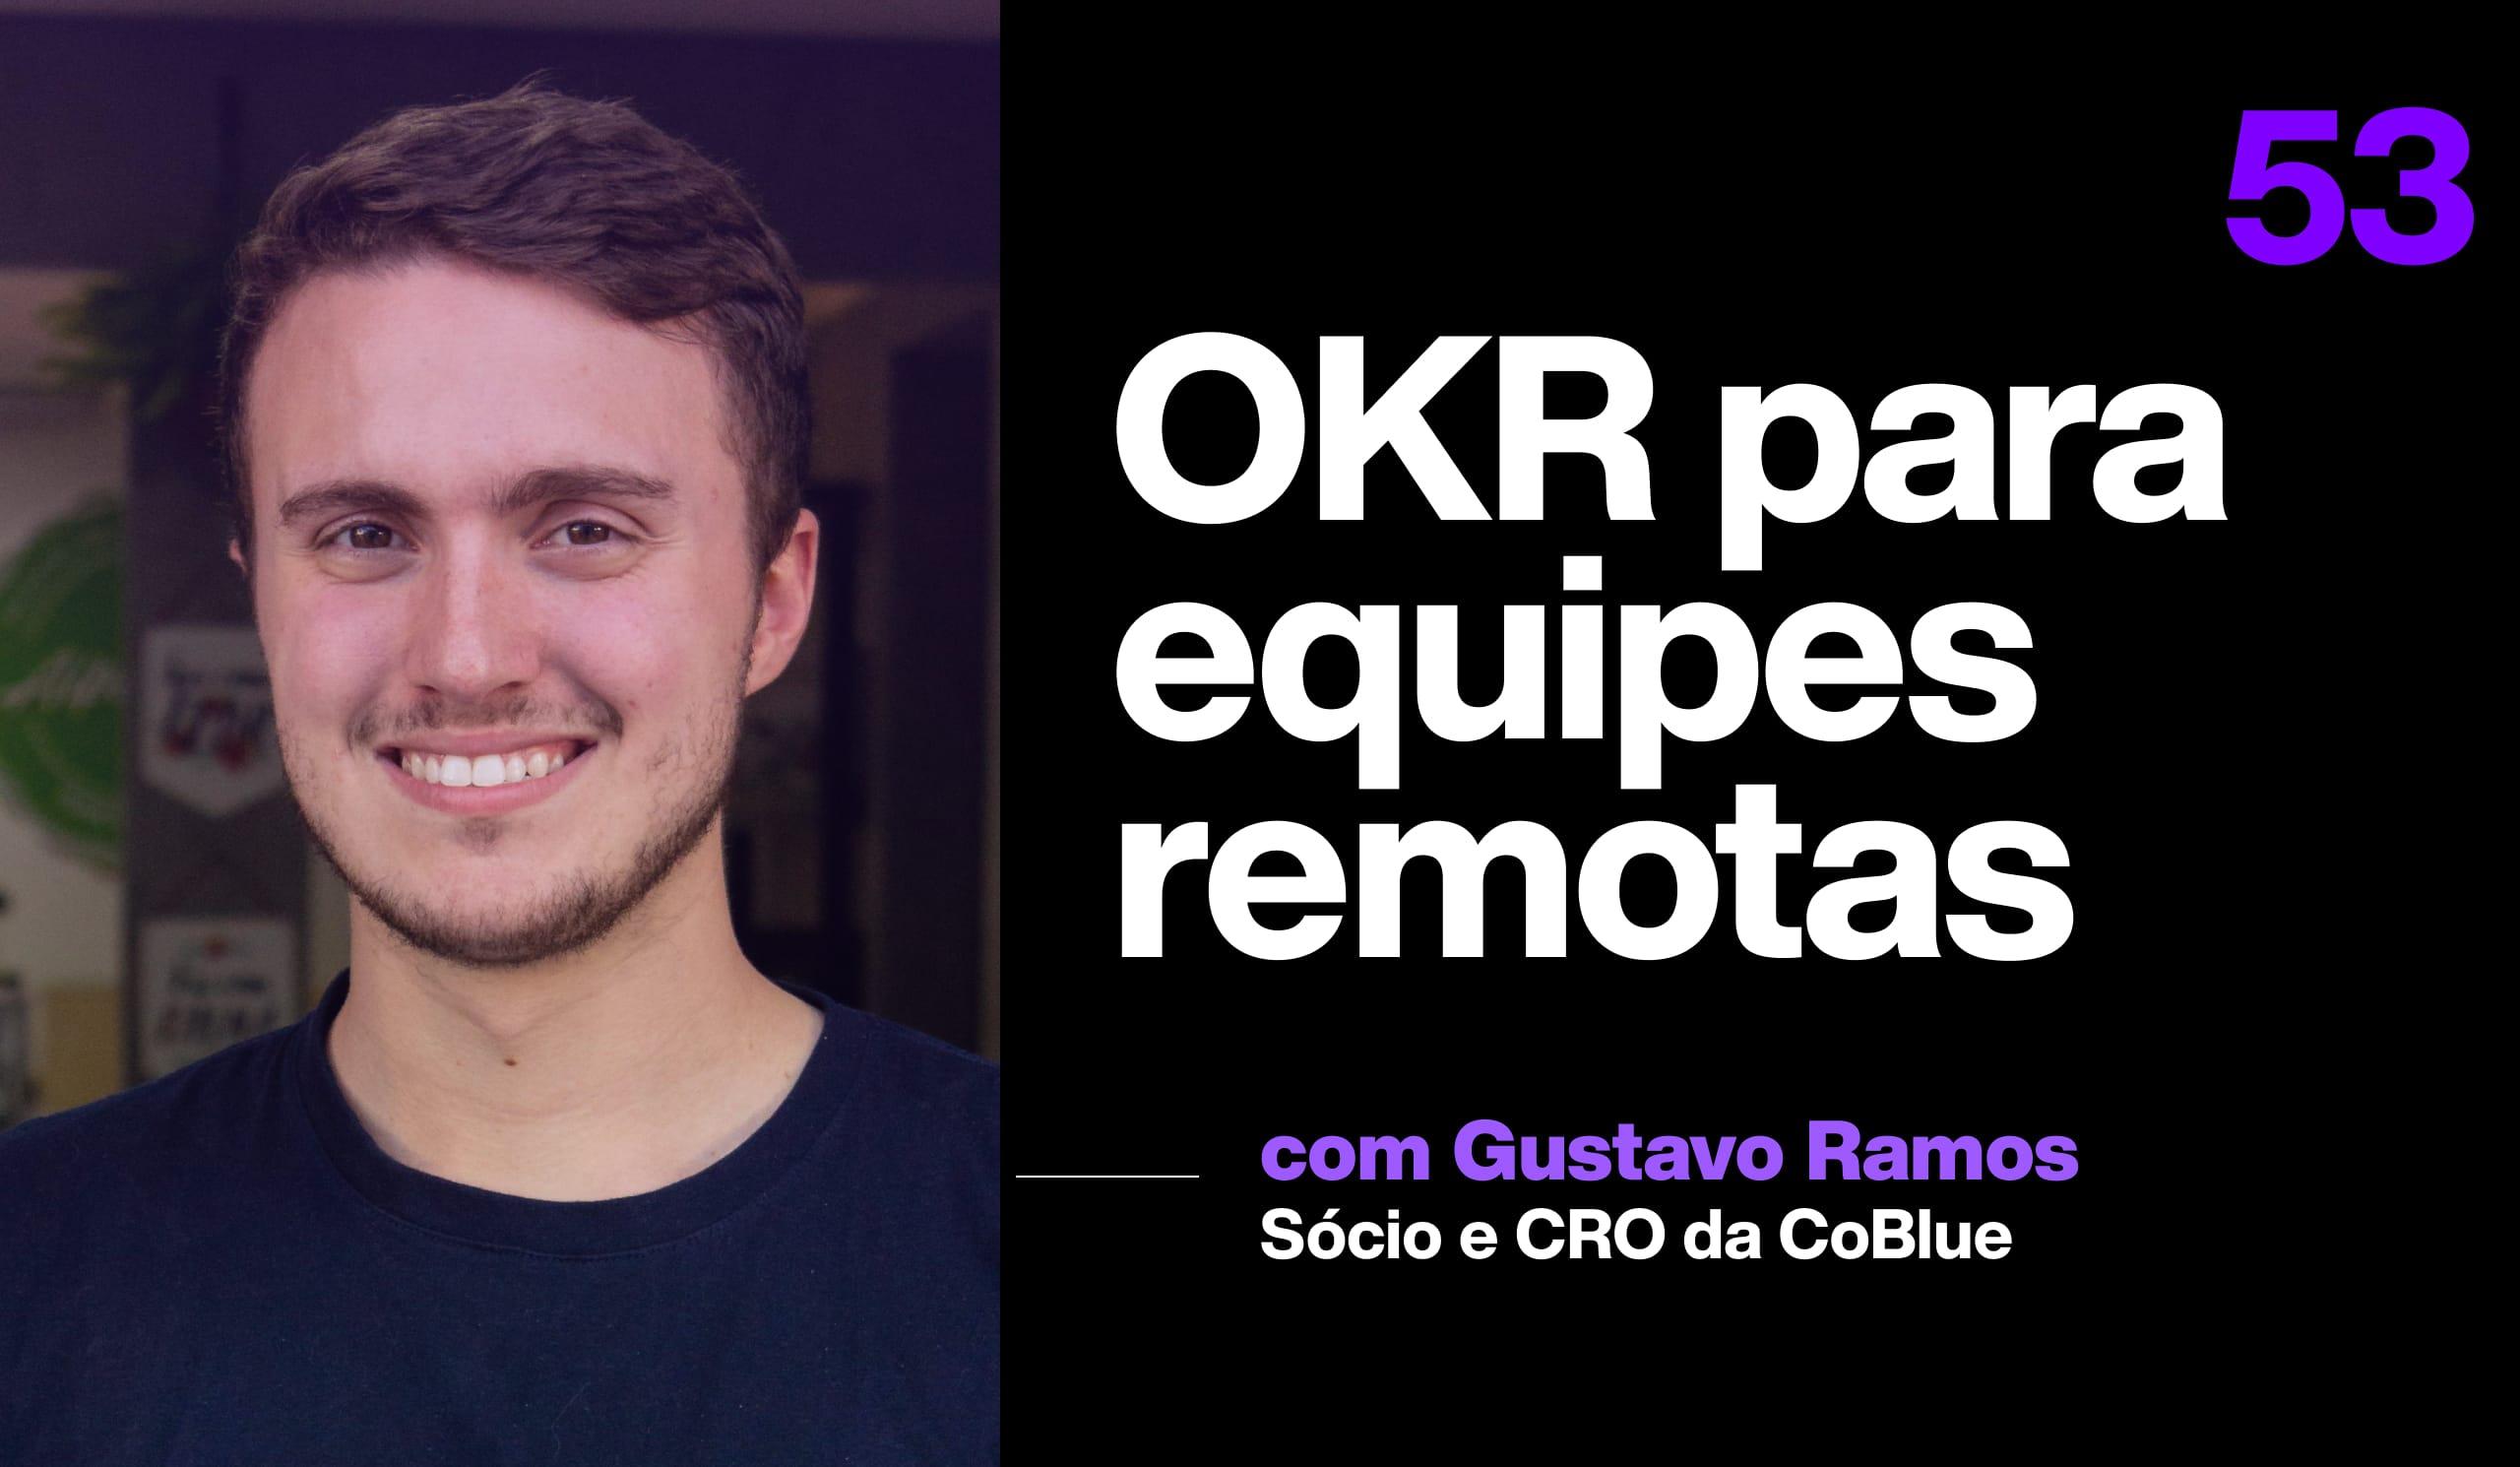 Medindo os resultados da sua equipe remota com OKR